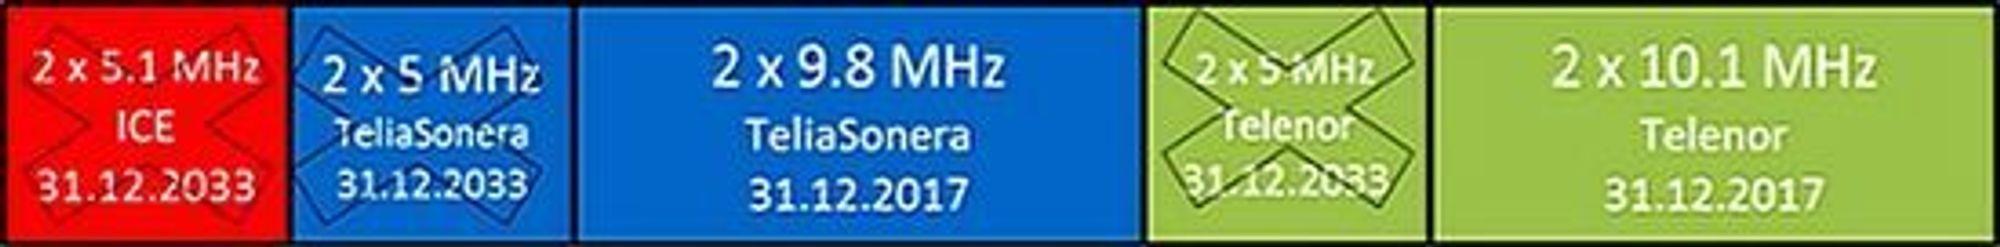 Denne skisse angir hvordan frekvensblokkene i 900 MHz-båndet er fordelt i dag.